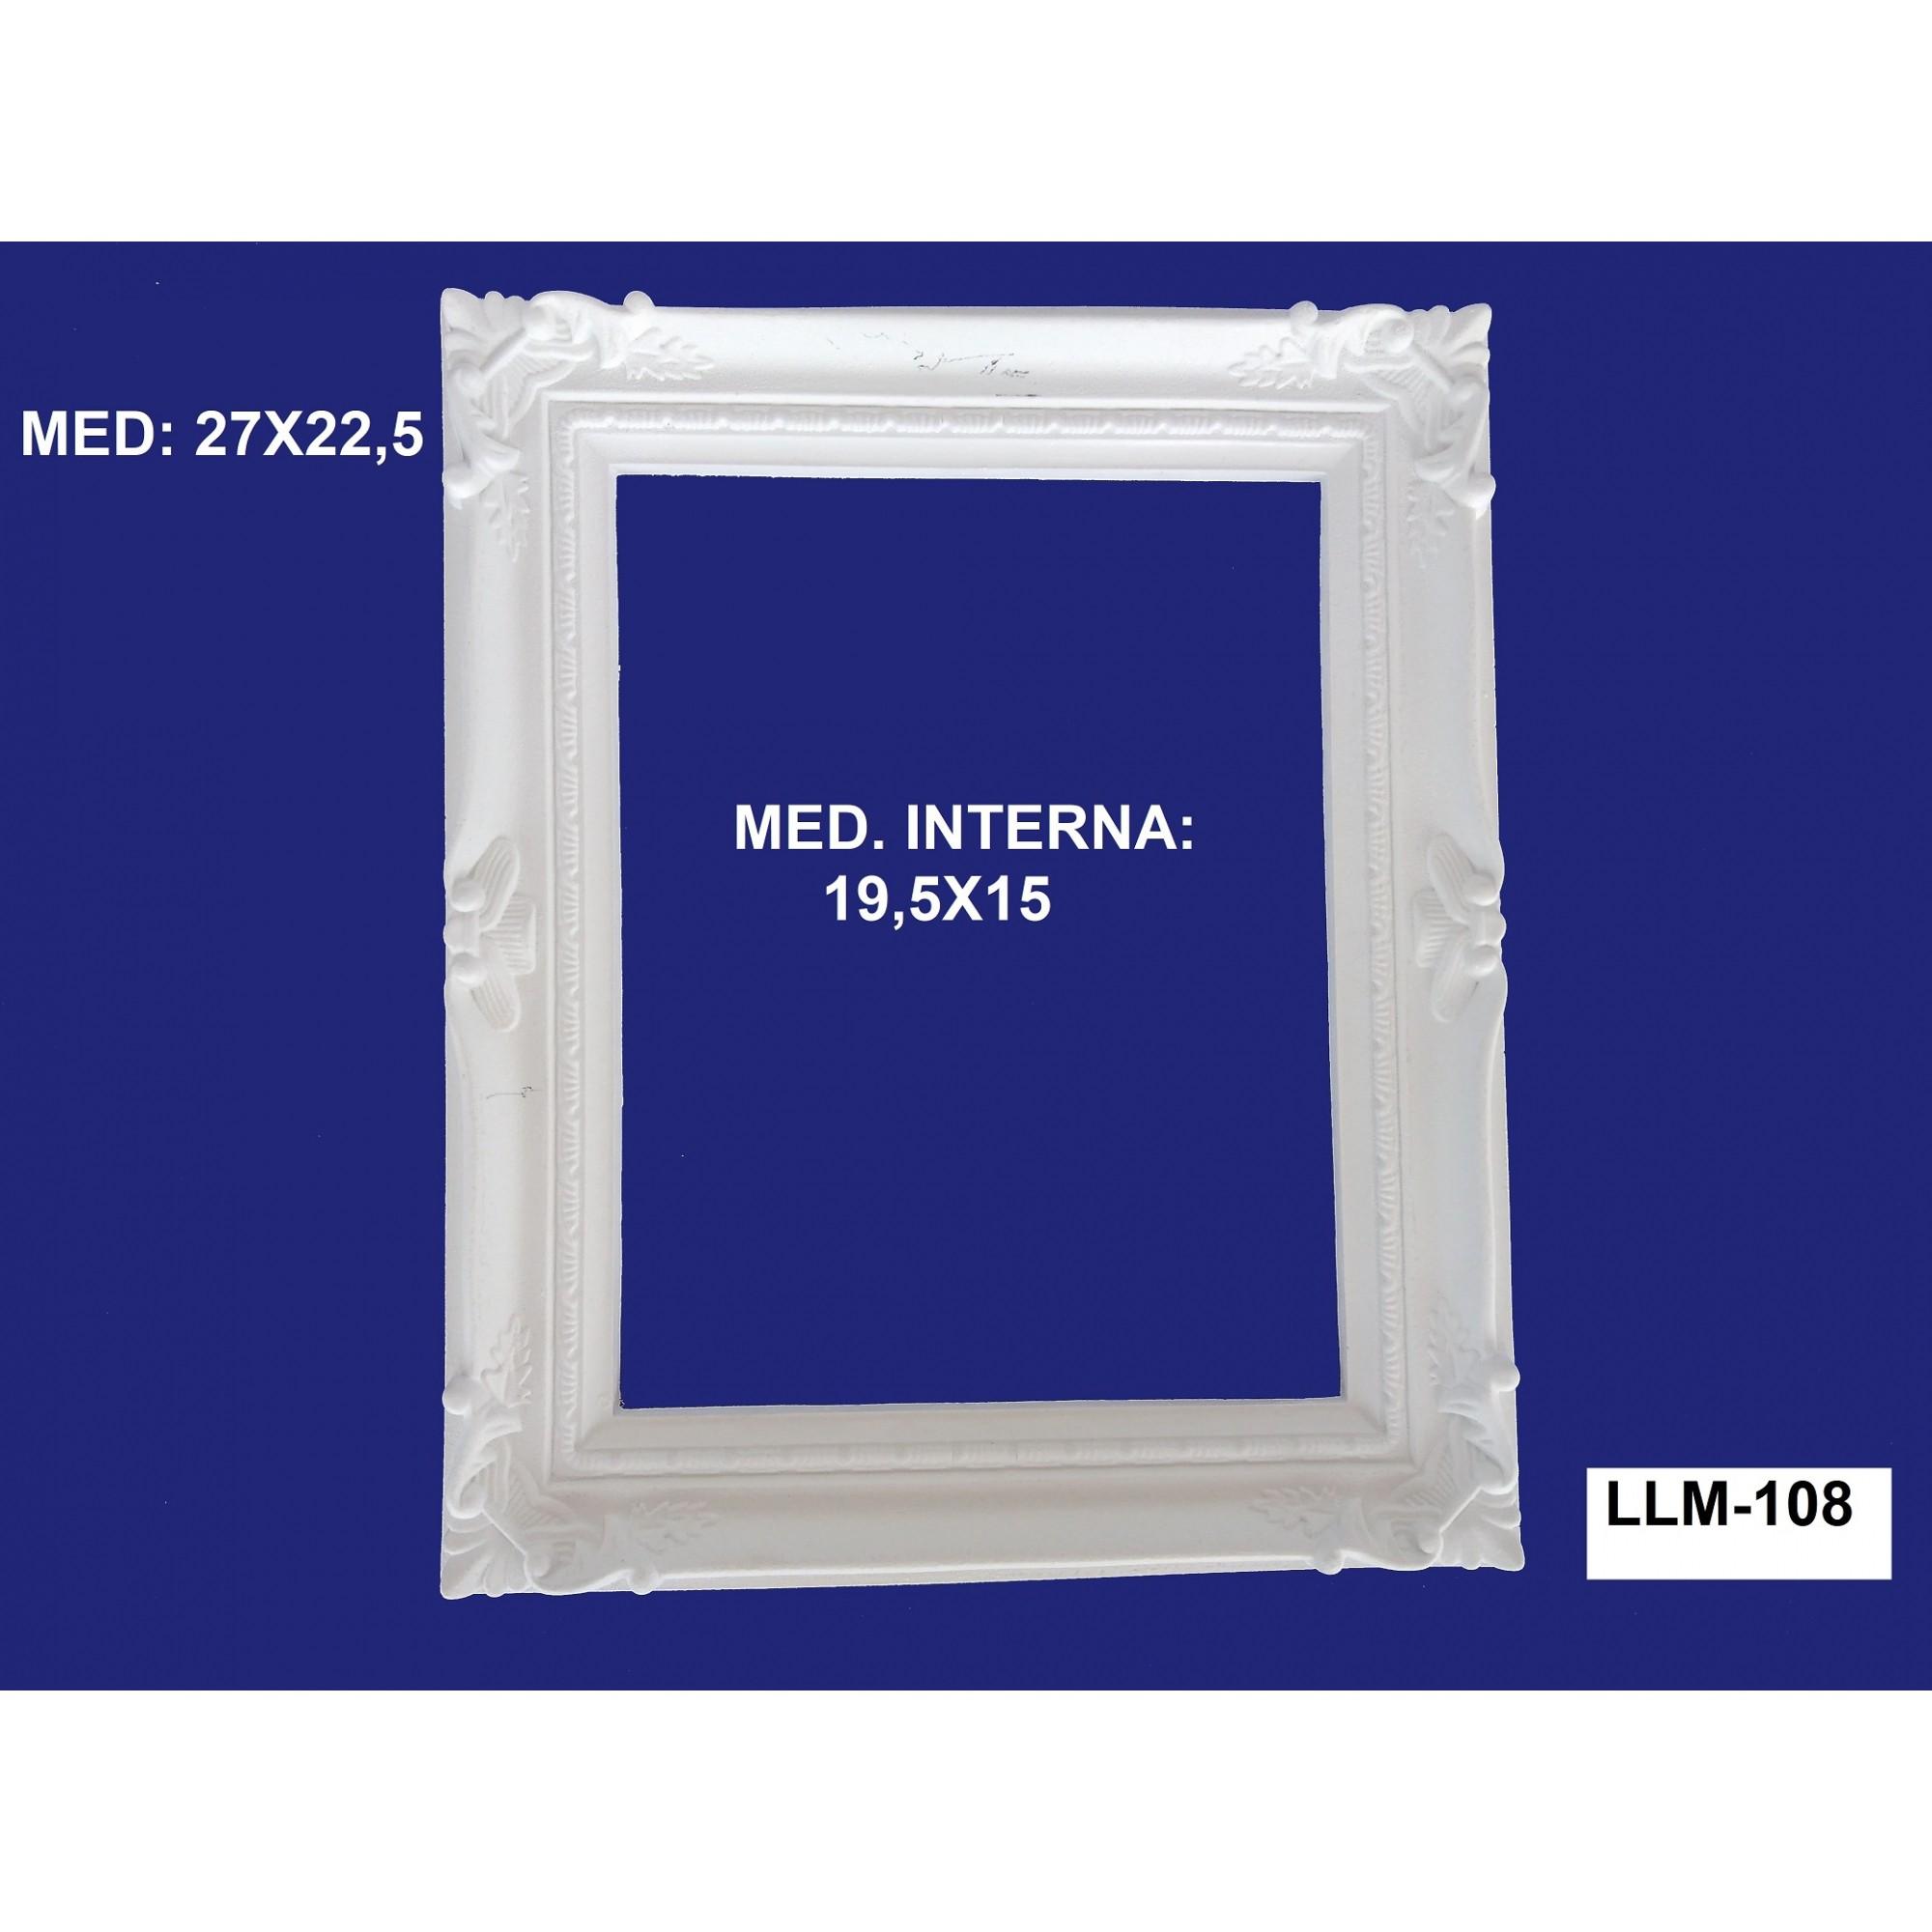 LLM-108 MOLDURA 27X22,5 INT: 19,5X15CM